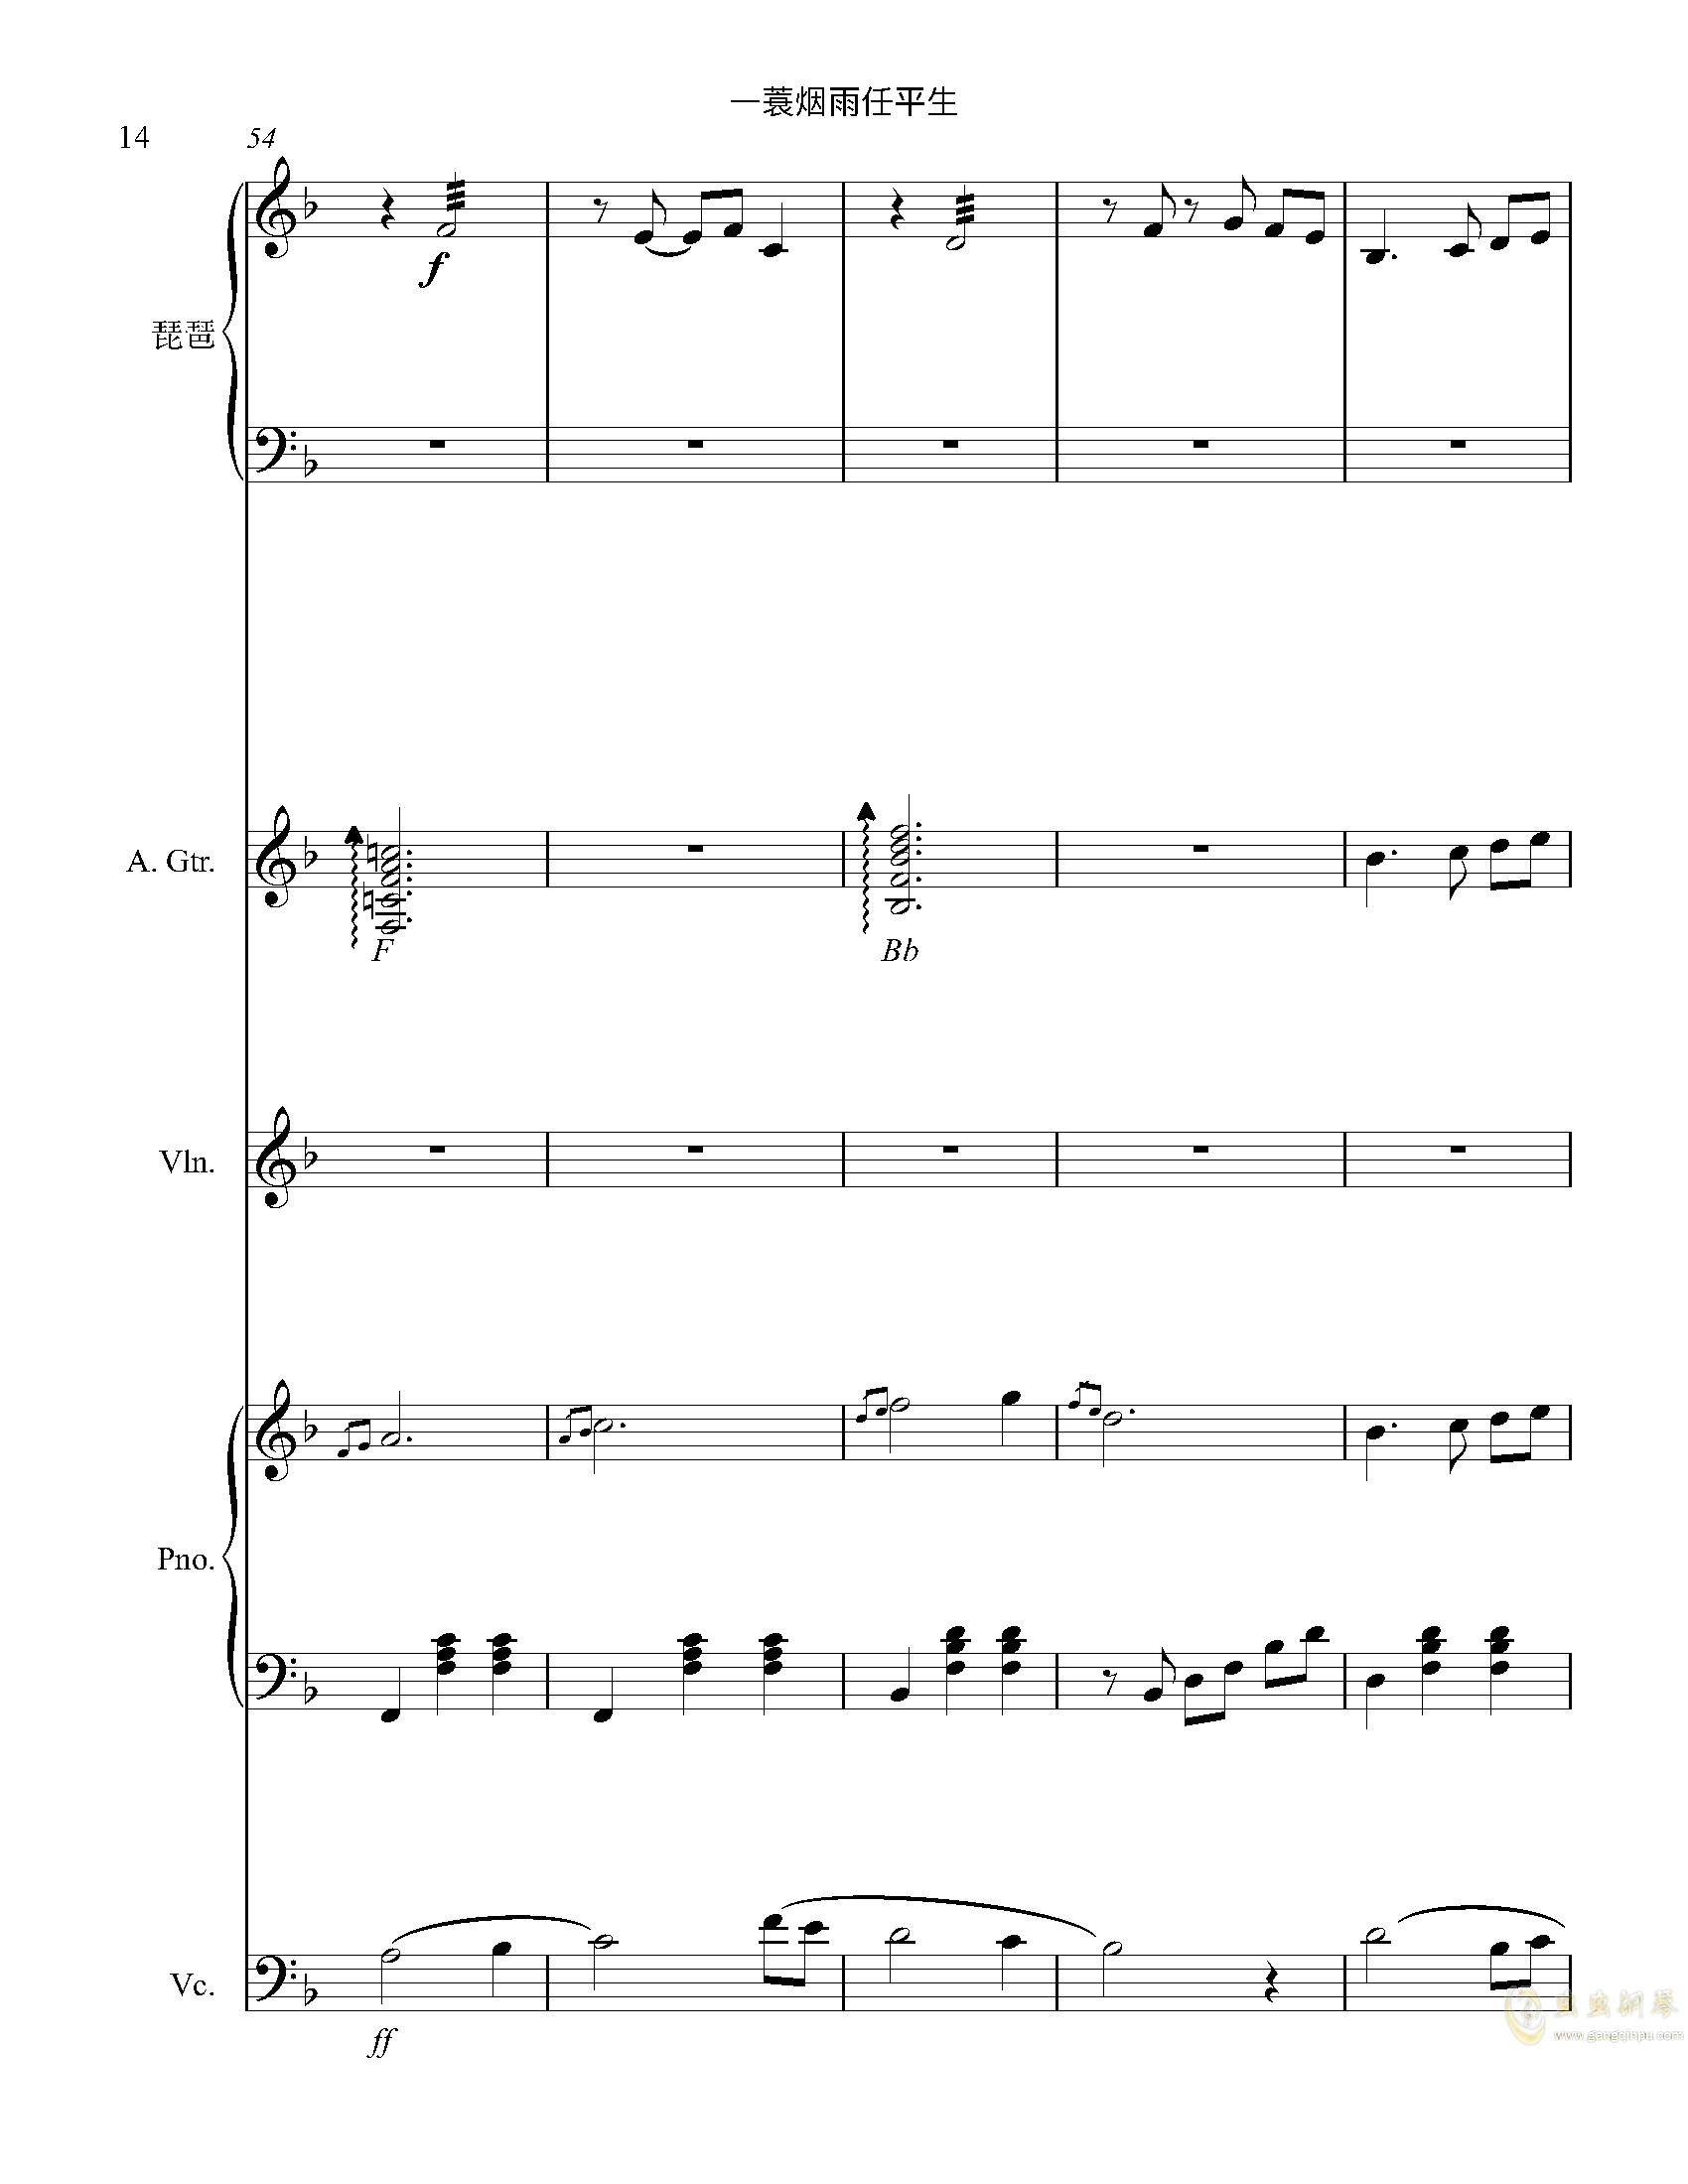 一蓑烟雨任平生钢琴谱 第14页